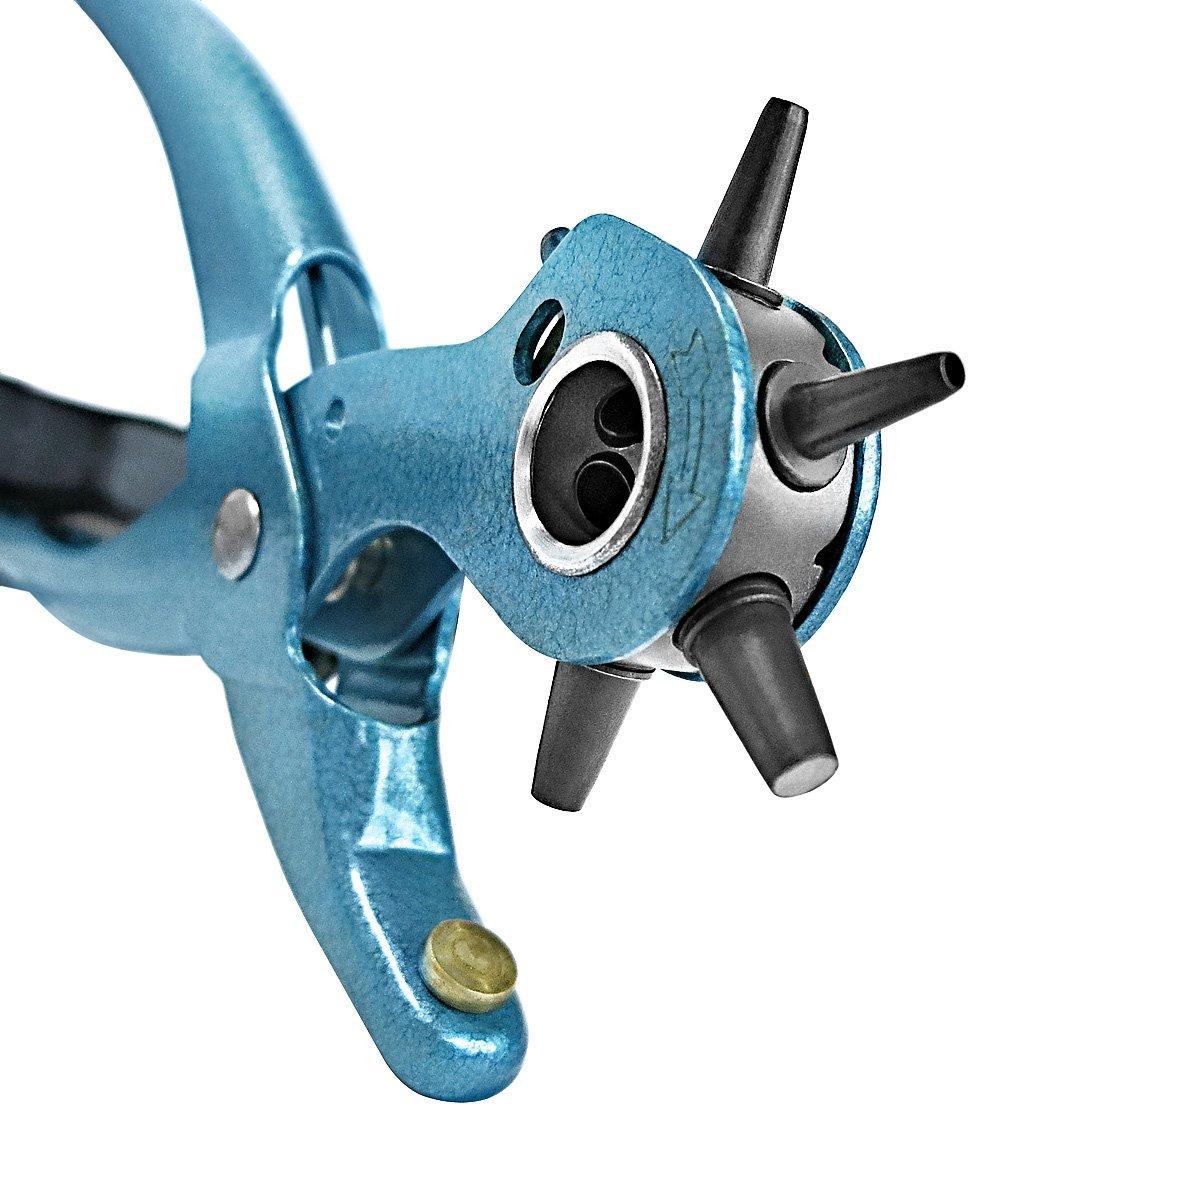 S&R Pince Perforatrice pour Cuir Cintures Bracelets / FABRICATION ALLEMANDE / Pince Emporte Piece avec 6 Poinç ons : 2 - 2, 5 - 3 - 3, 5 - 4 - 4, 5 mm. S&R Industriewerkzeuge GmbH